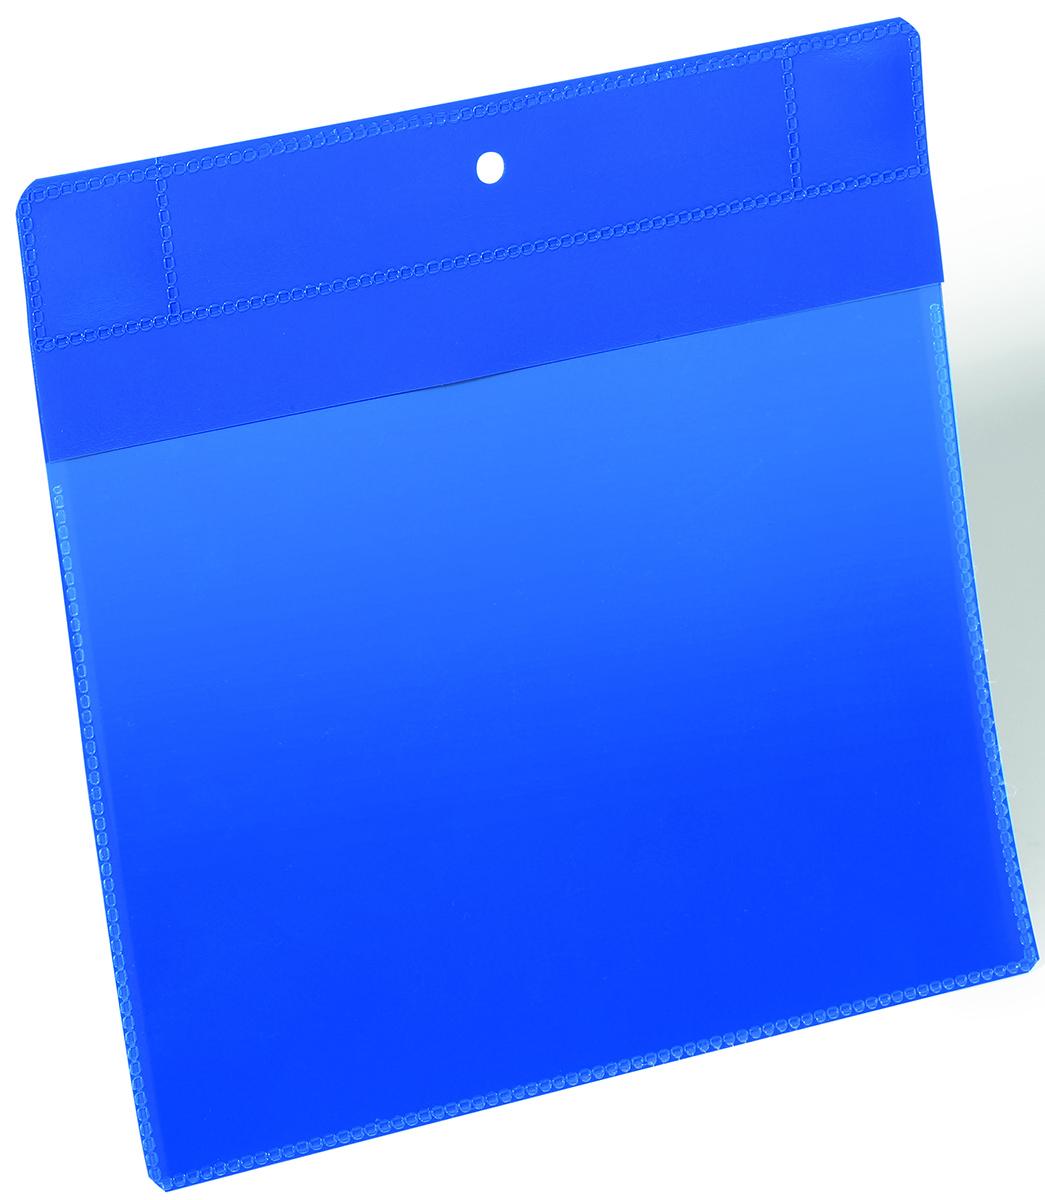 Durable Карман для маркировки горизонтальный 1746-071746-07Карман для маркировки Durable имеет два неодимовых магнита. Применяется для размещения маркировочной информации на металлических поверхностях, таких как складские стеллажи, металлические контейнеры. Синяя подложка-основа и прозрачное окошко выполнены из износостойкого полипропилена. Не бликует, что удобно для сканирования, не вынимая маркировочный вкладыш. Быстрая и удобная замена вкладыша. Возможно размещение на улице: благодаря специальному клапану обеспечивается защита вкладыша от пыли и дождя. Внутренние размеры: А5. Внешние размеры: 22,3 х 21,8 см.